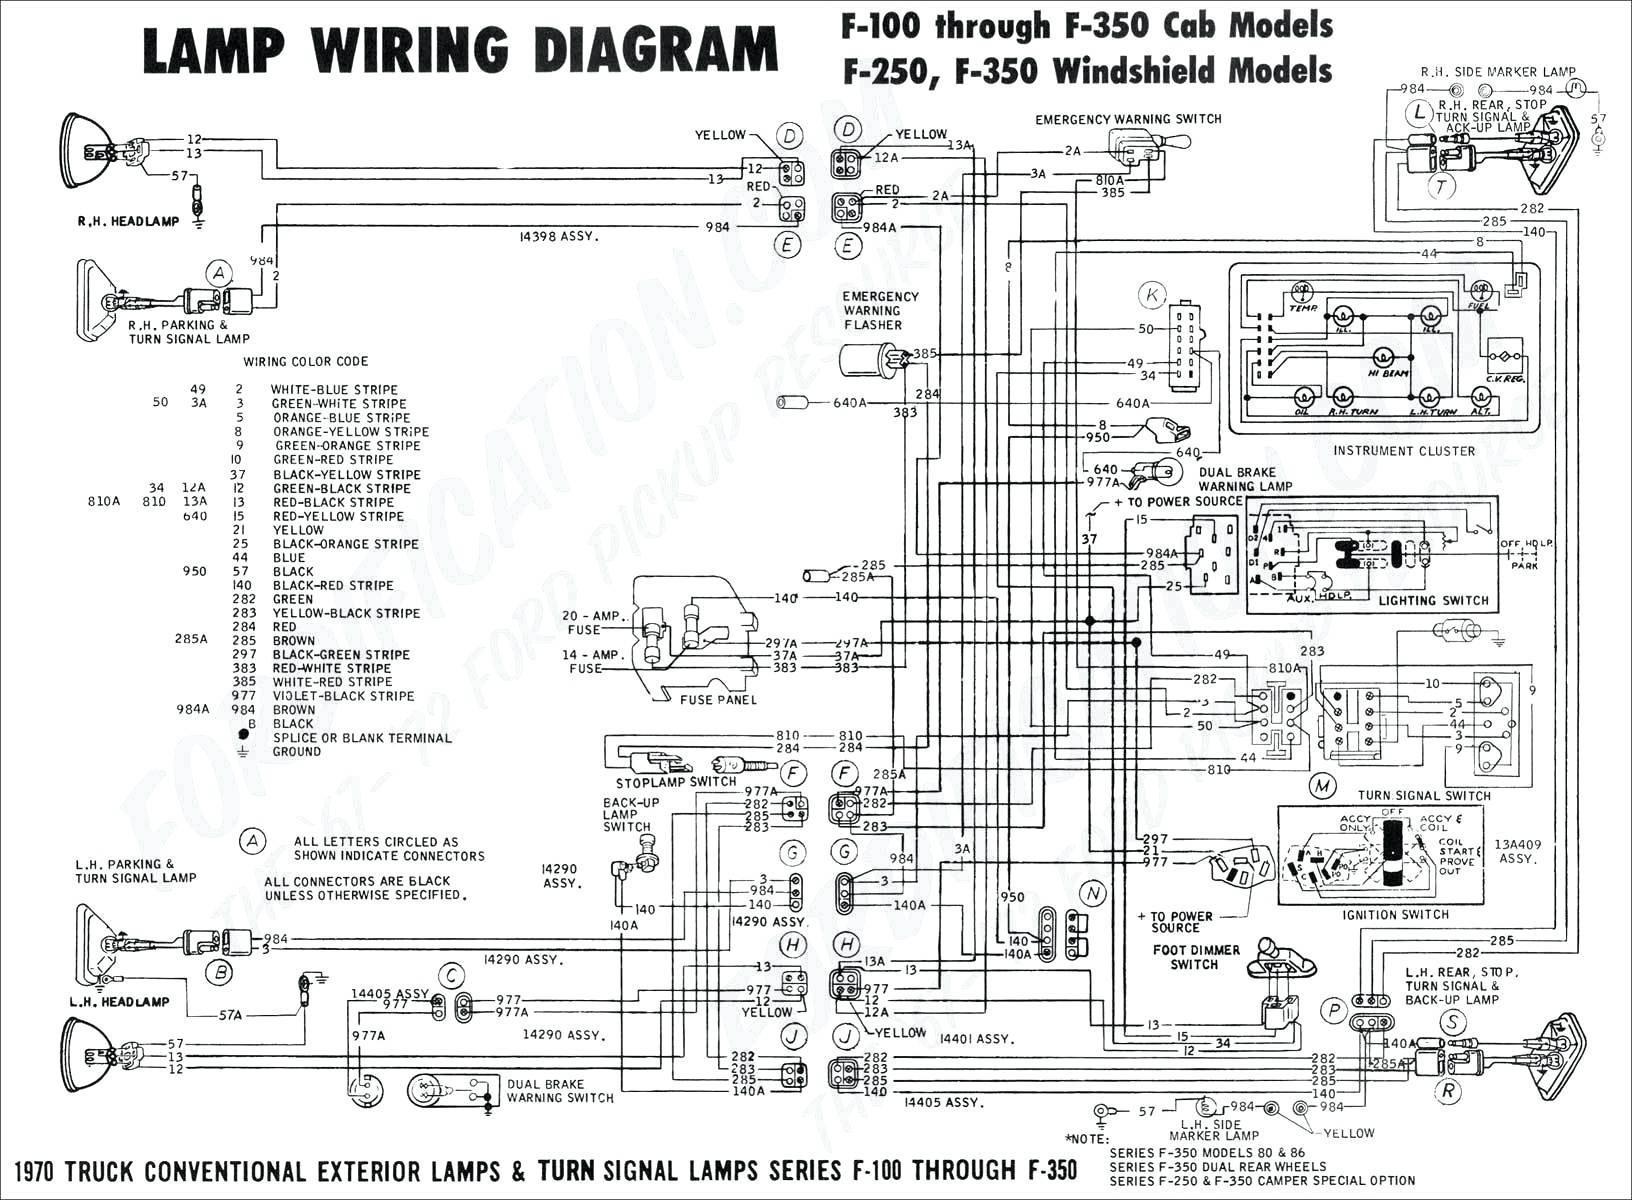 2006 Mini Cooper S Engine Compartment Diagram 2009 Mazda 6 Fuse Diagram Experts Wiring Diagram • Of 2006 Mini Cooper S Engine Compartment Diagram